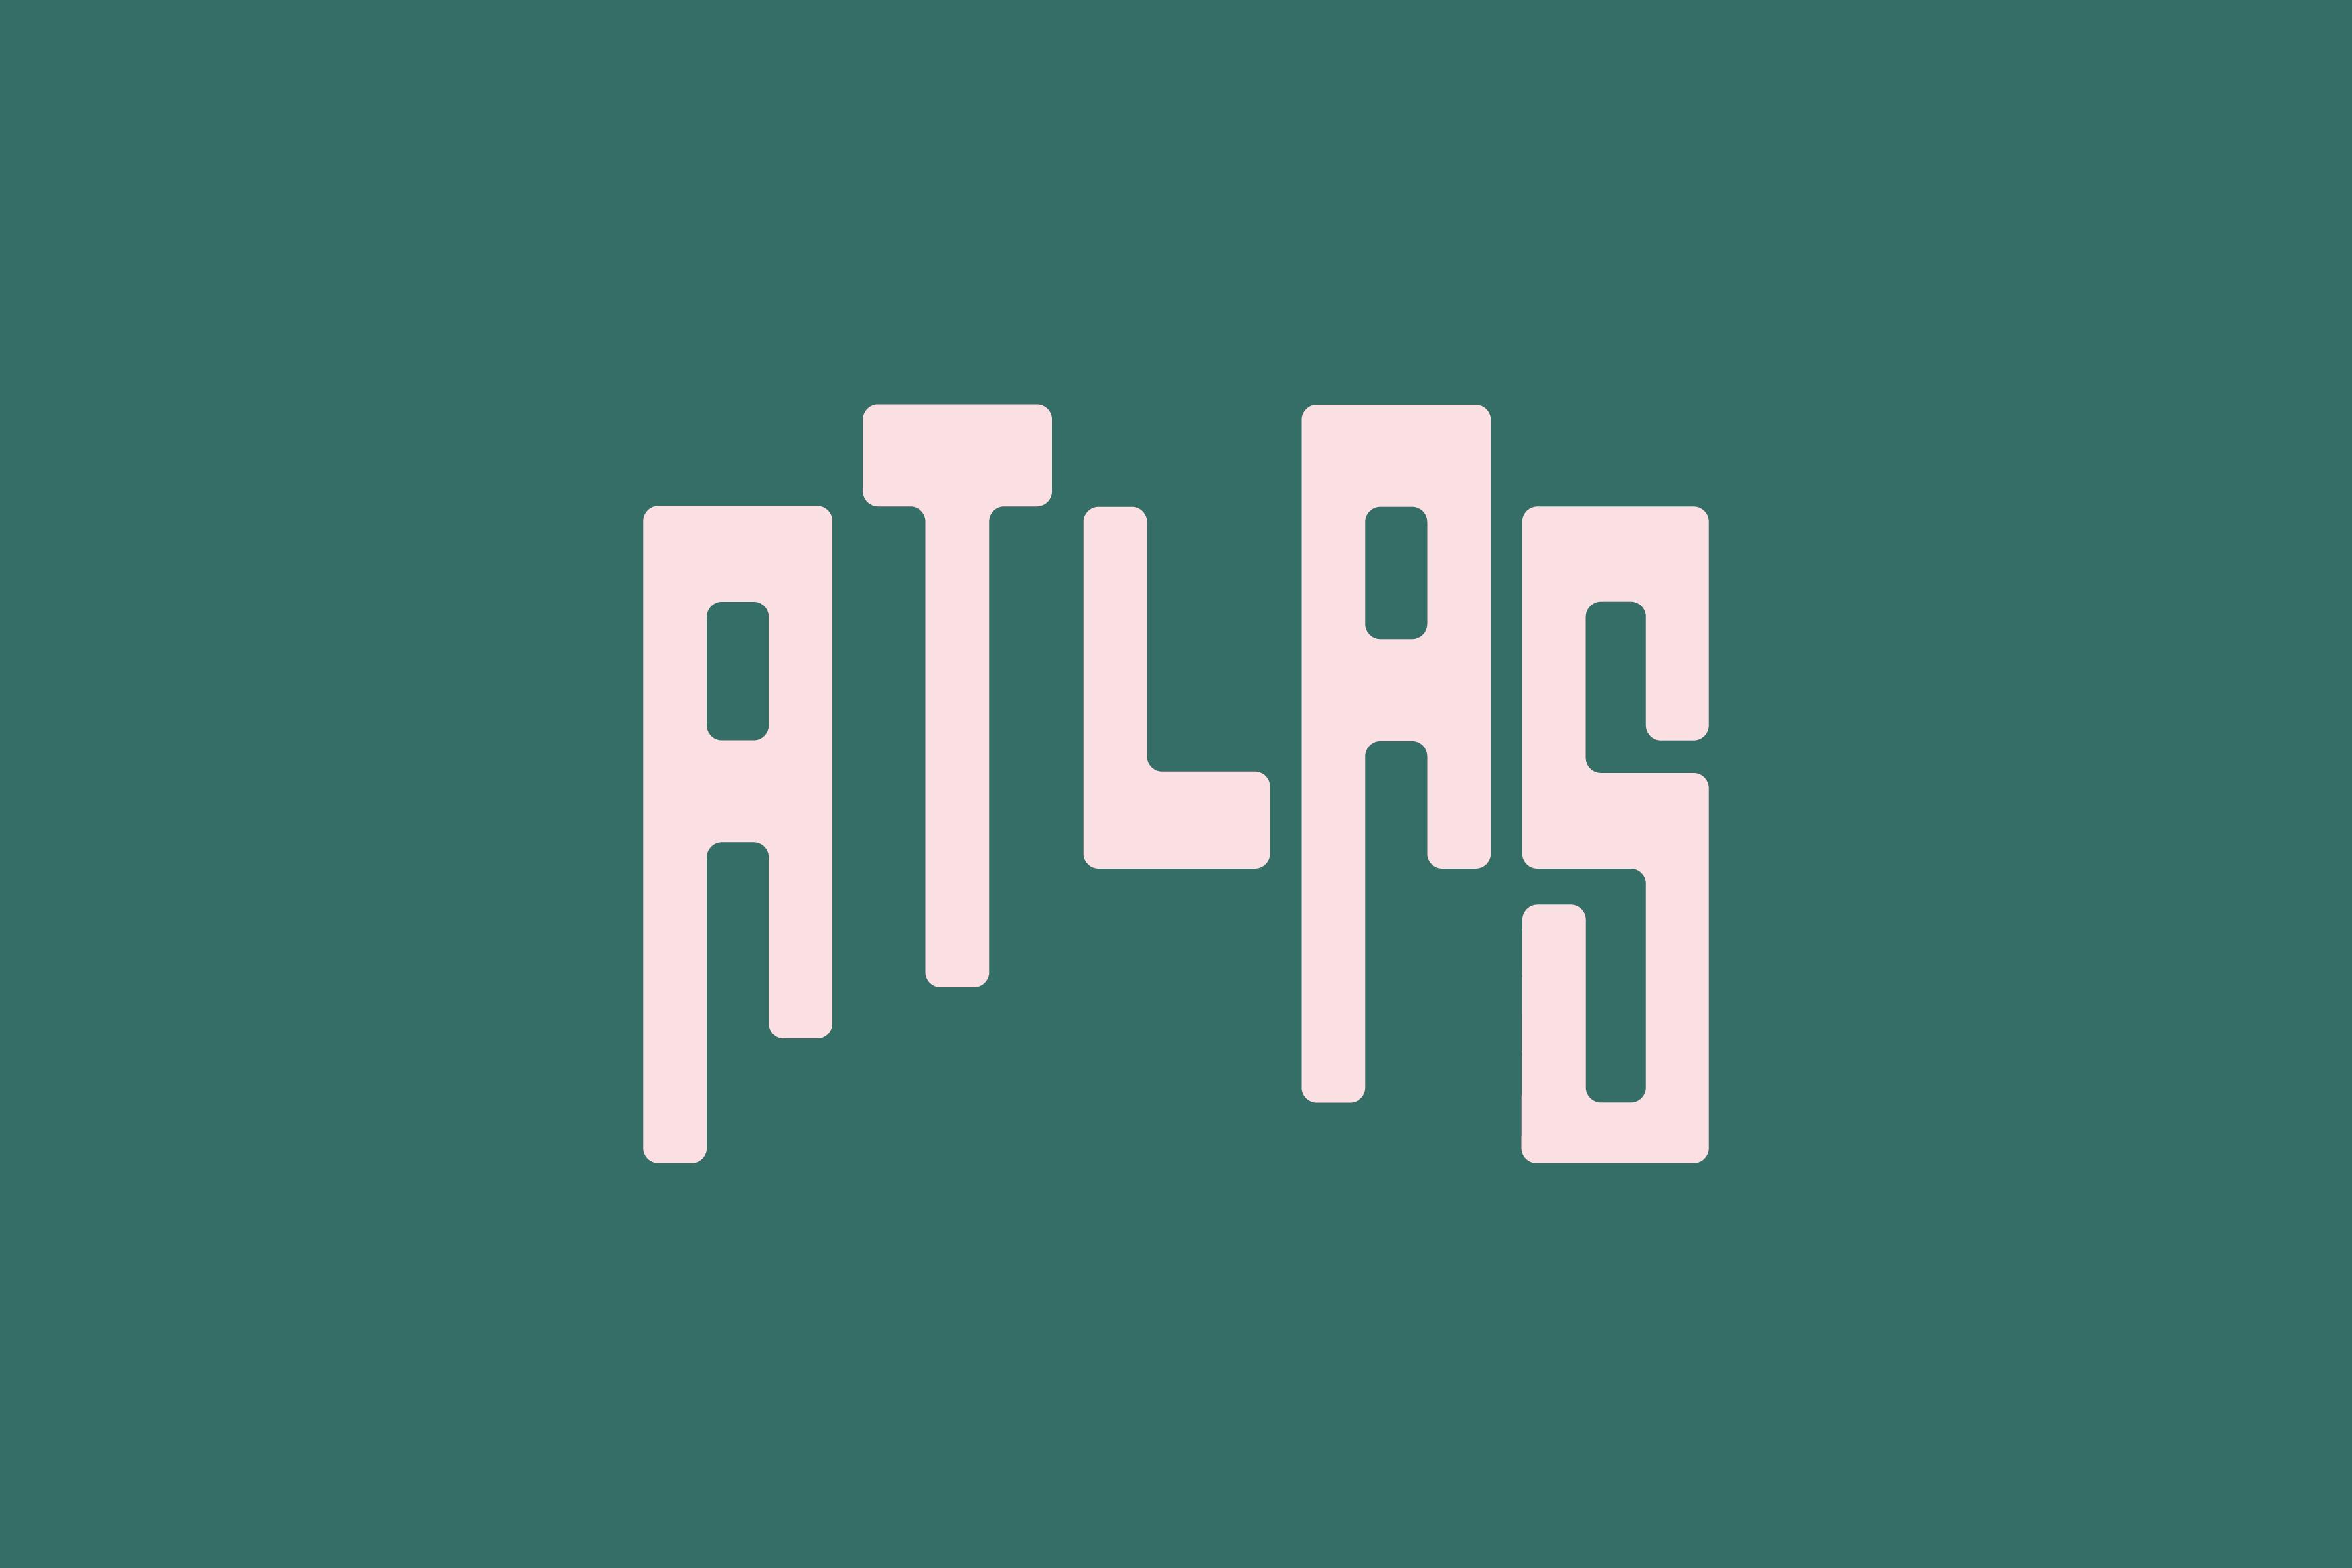 atlas_logo_pink